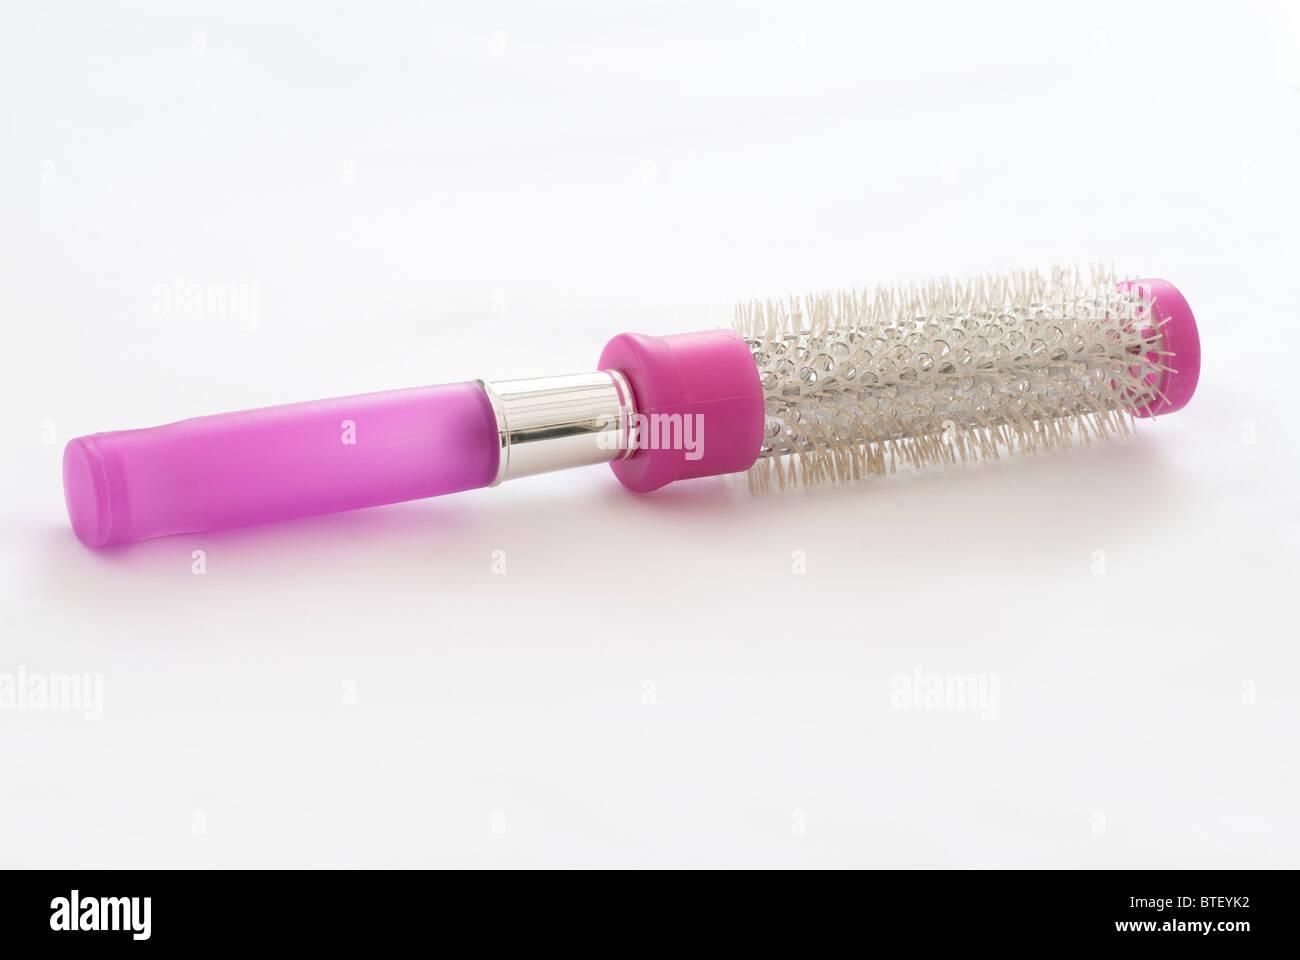 Round Hair Brush - Stock Image